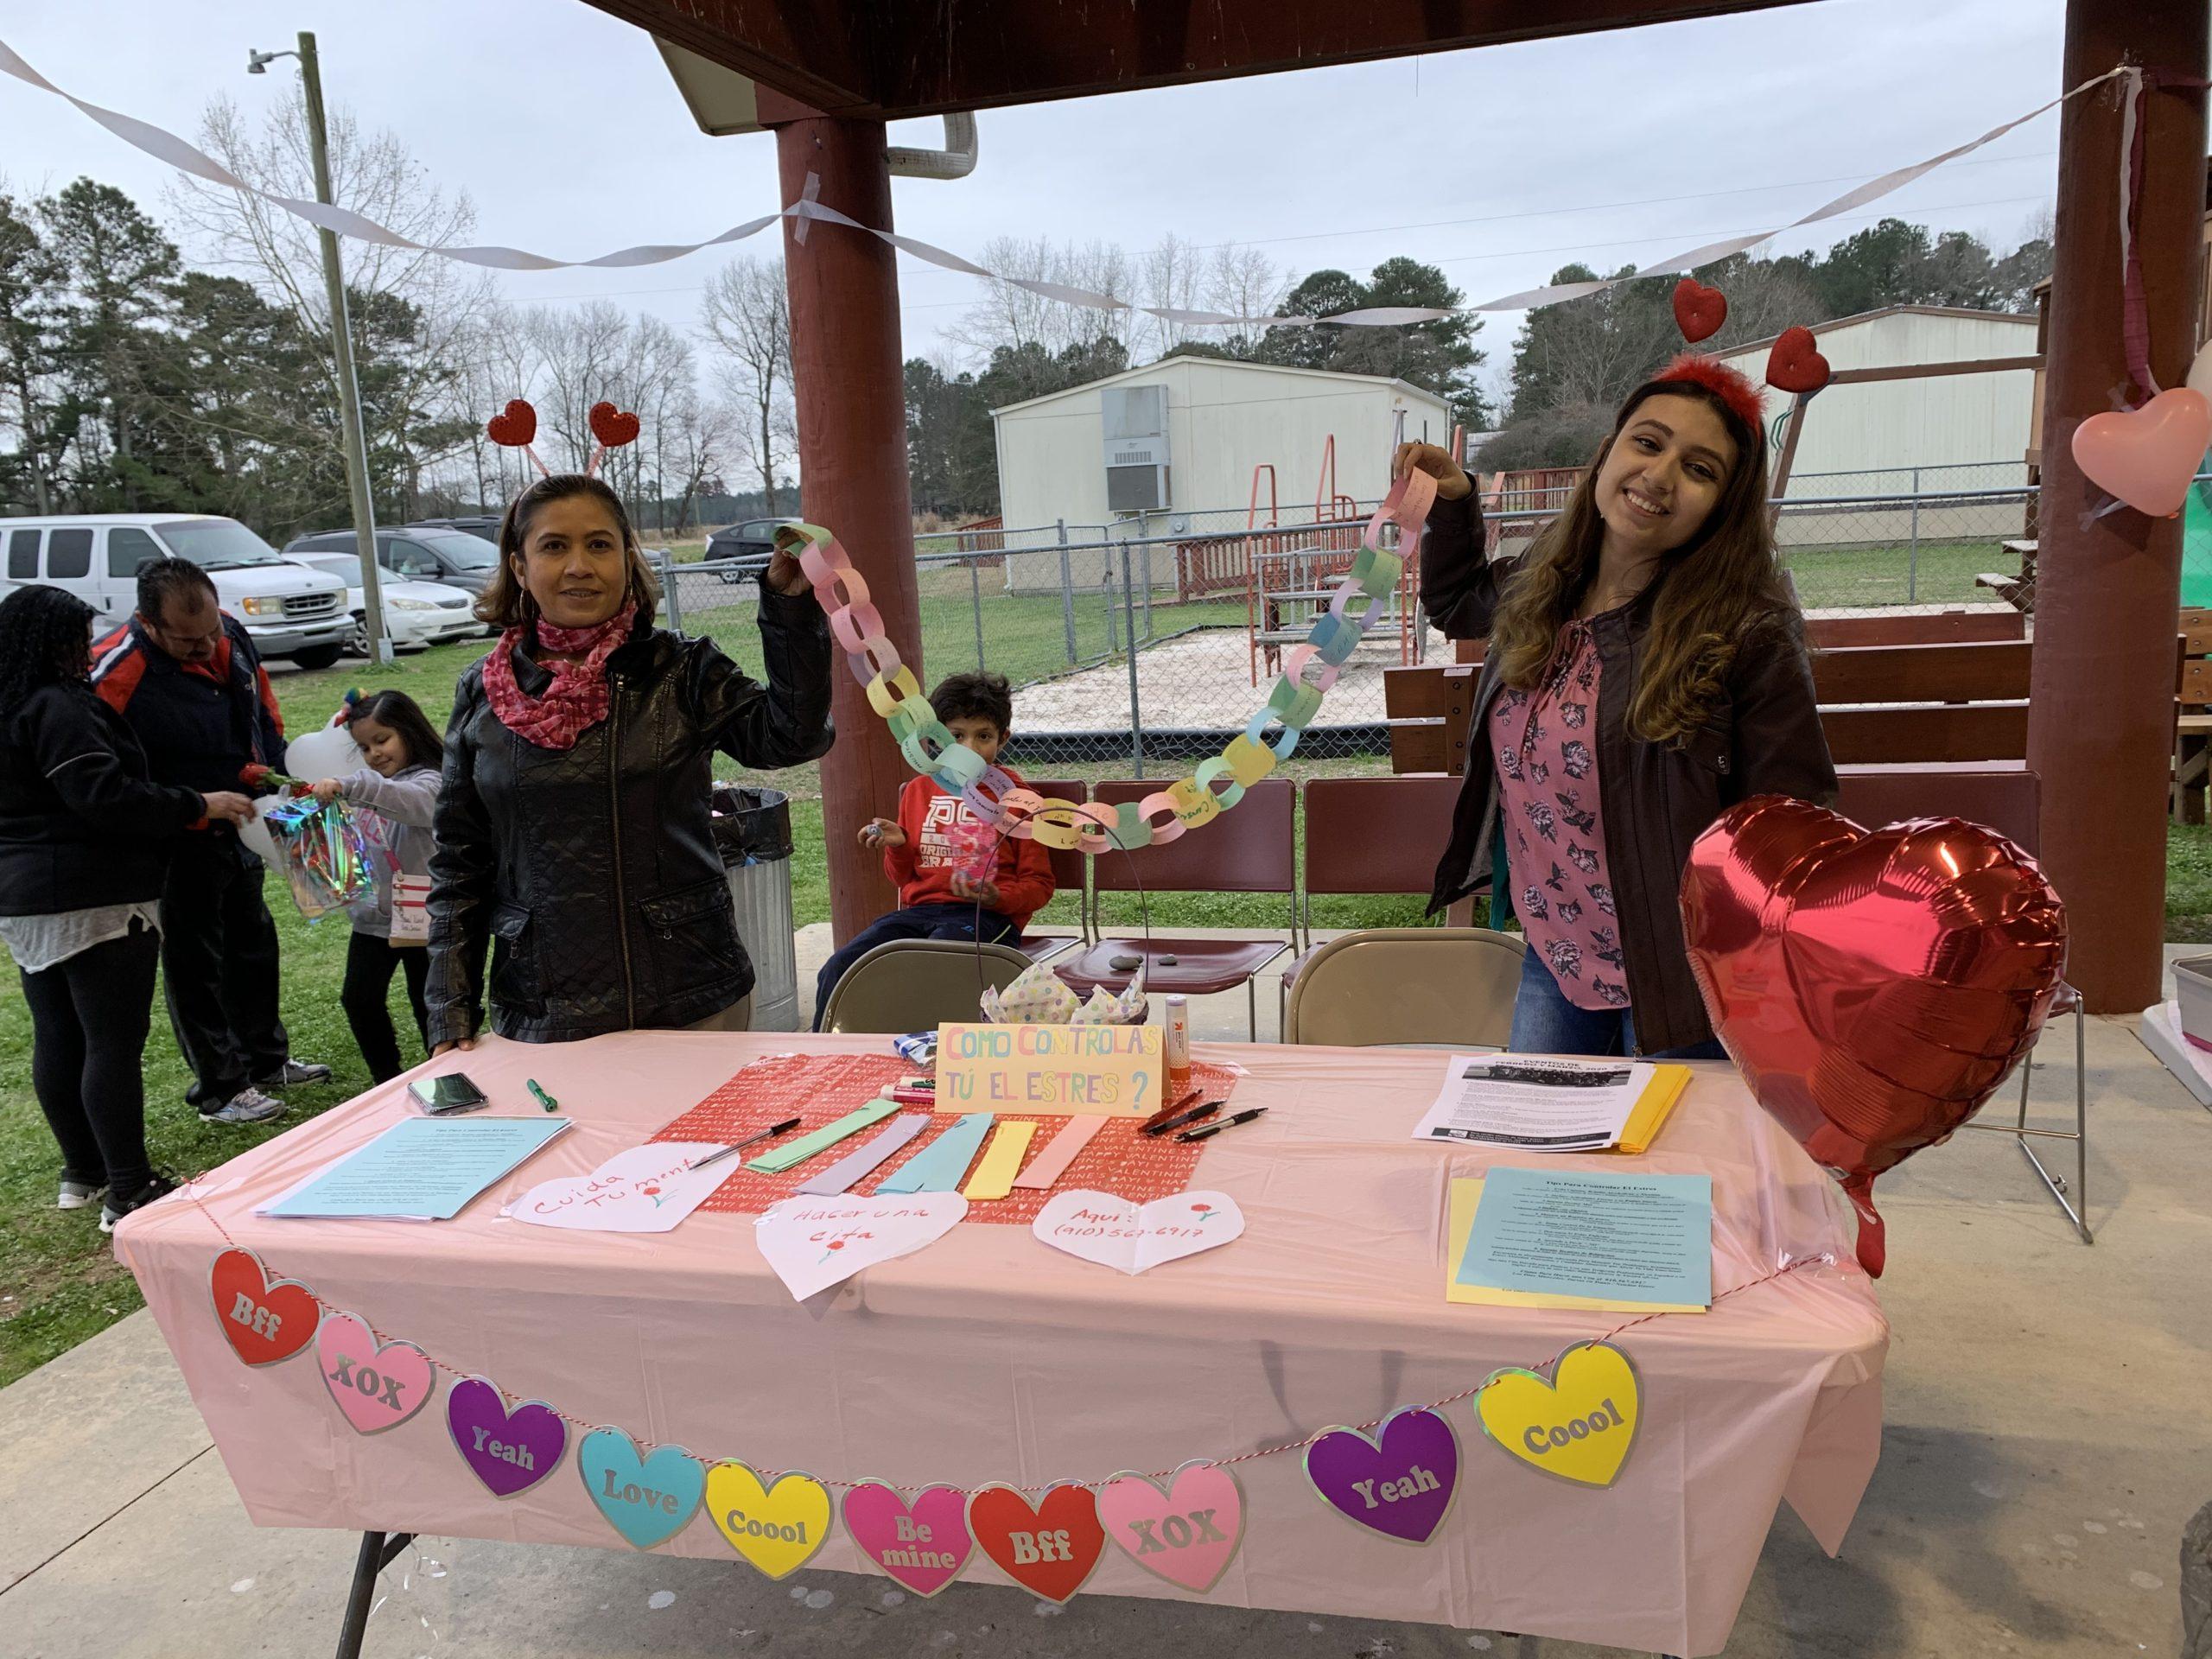 Dia del Amor y la Amistad Celebration